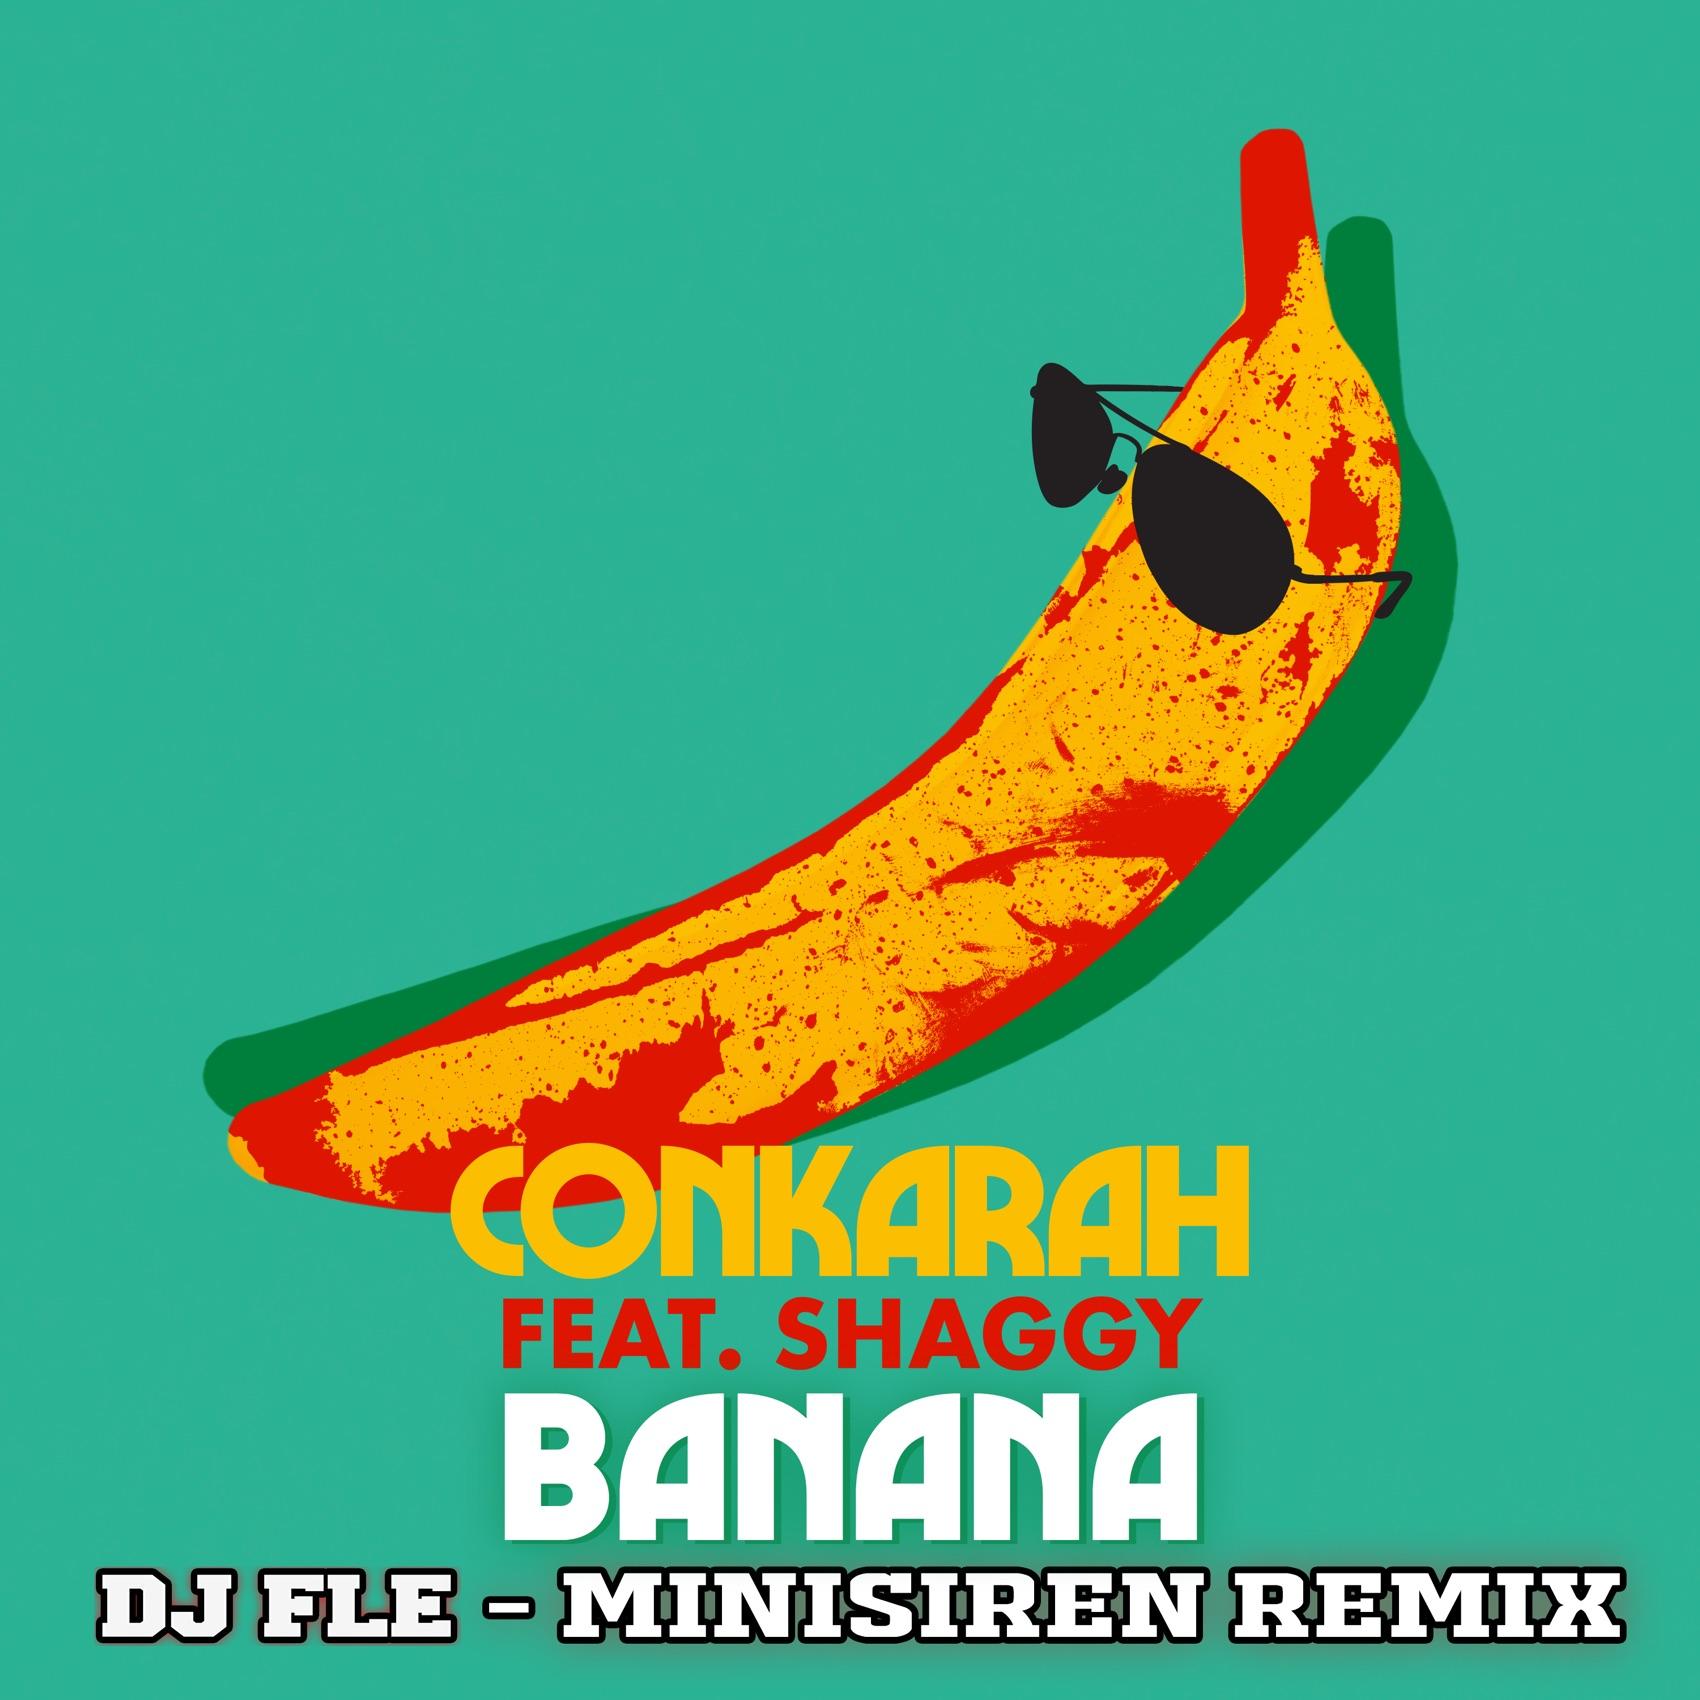 Conkarah - Banana (feat. Shaggy)